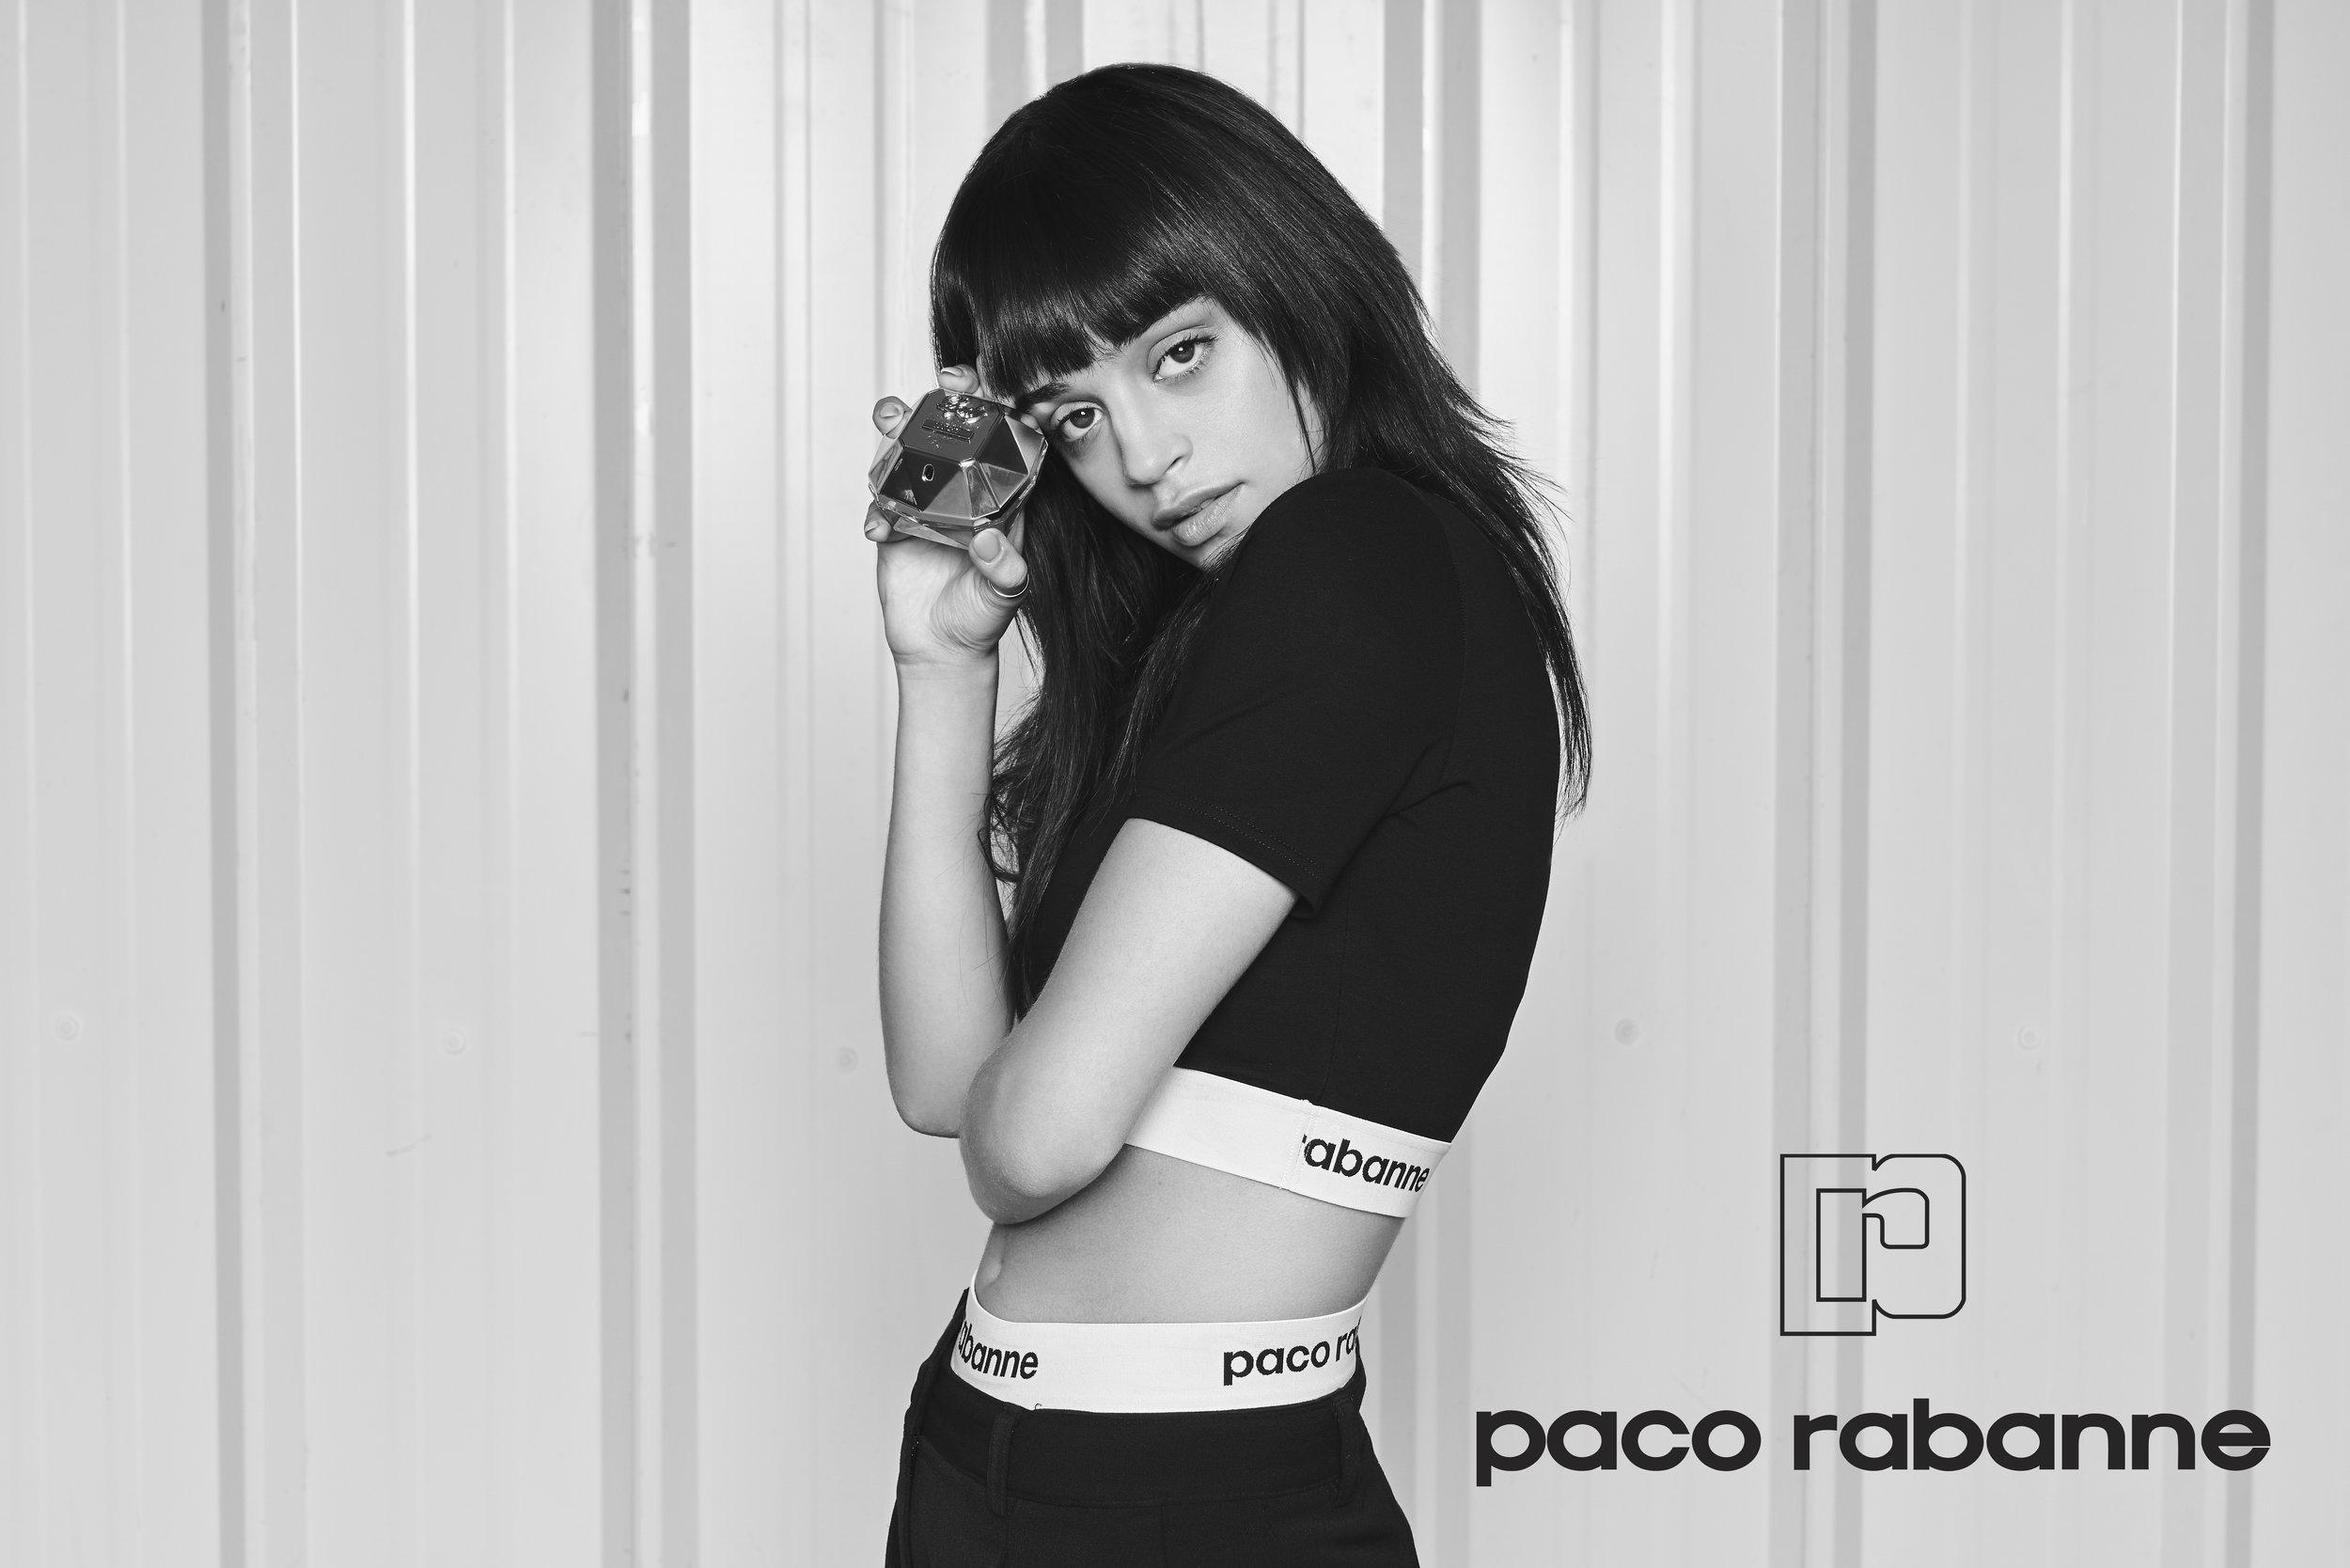 Paco Rabanne Parva 2.jpg